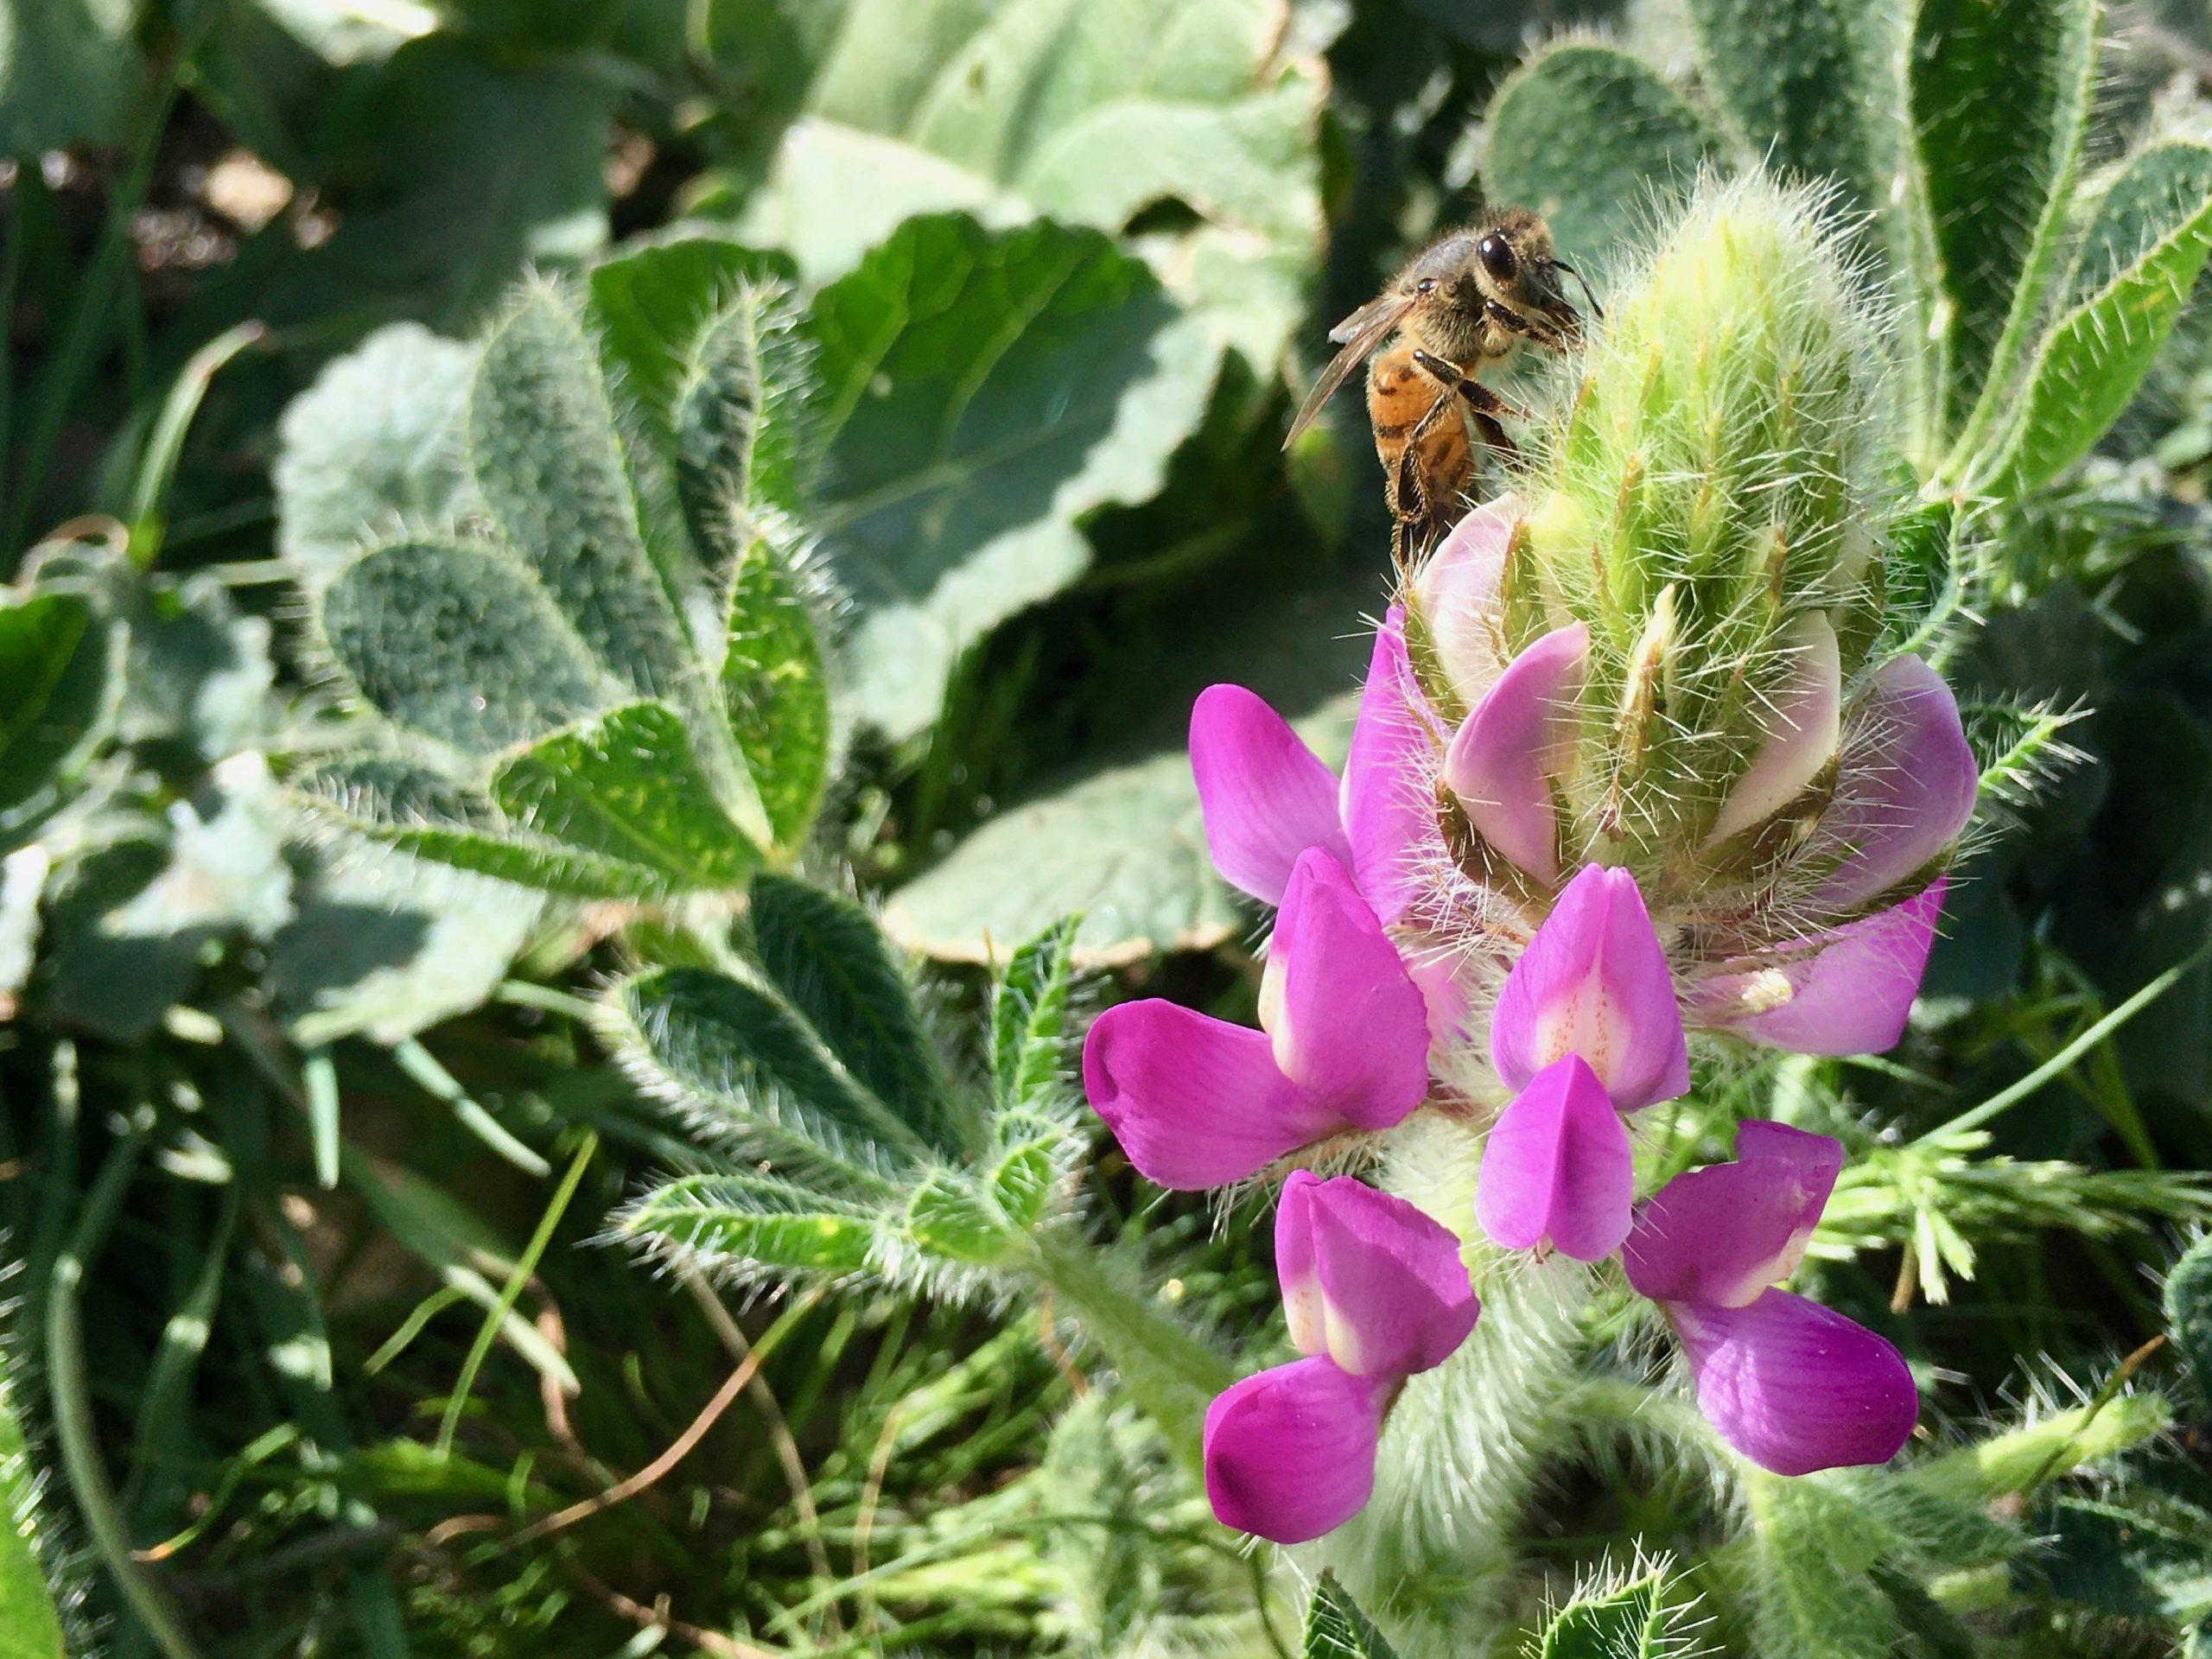 A honeybee visits a lupine flower